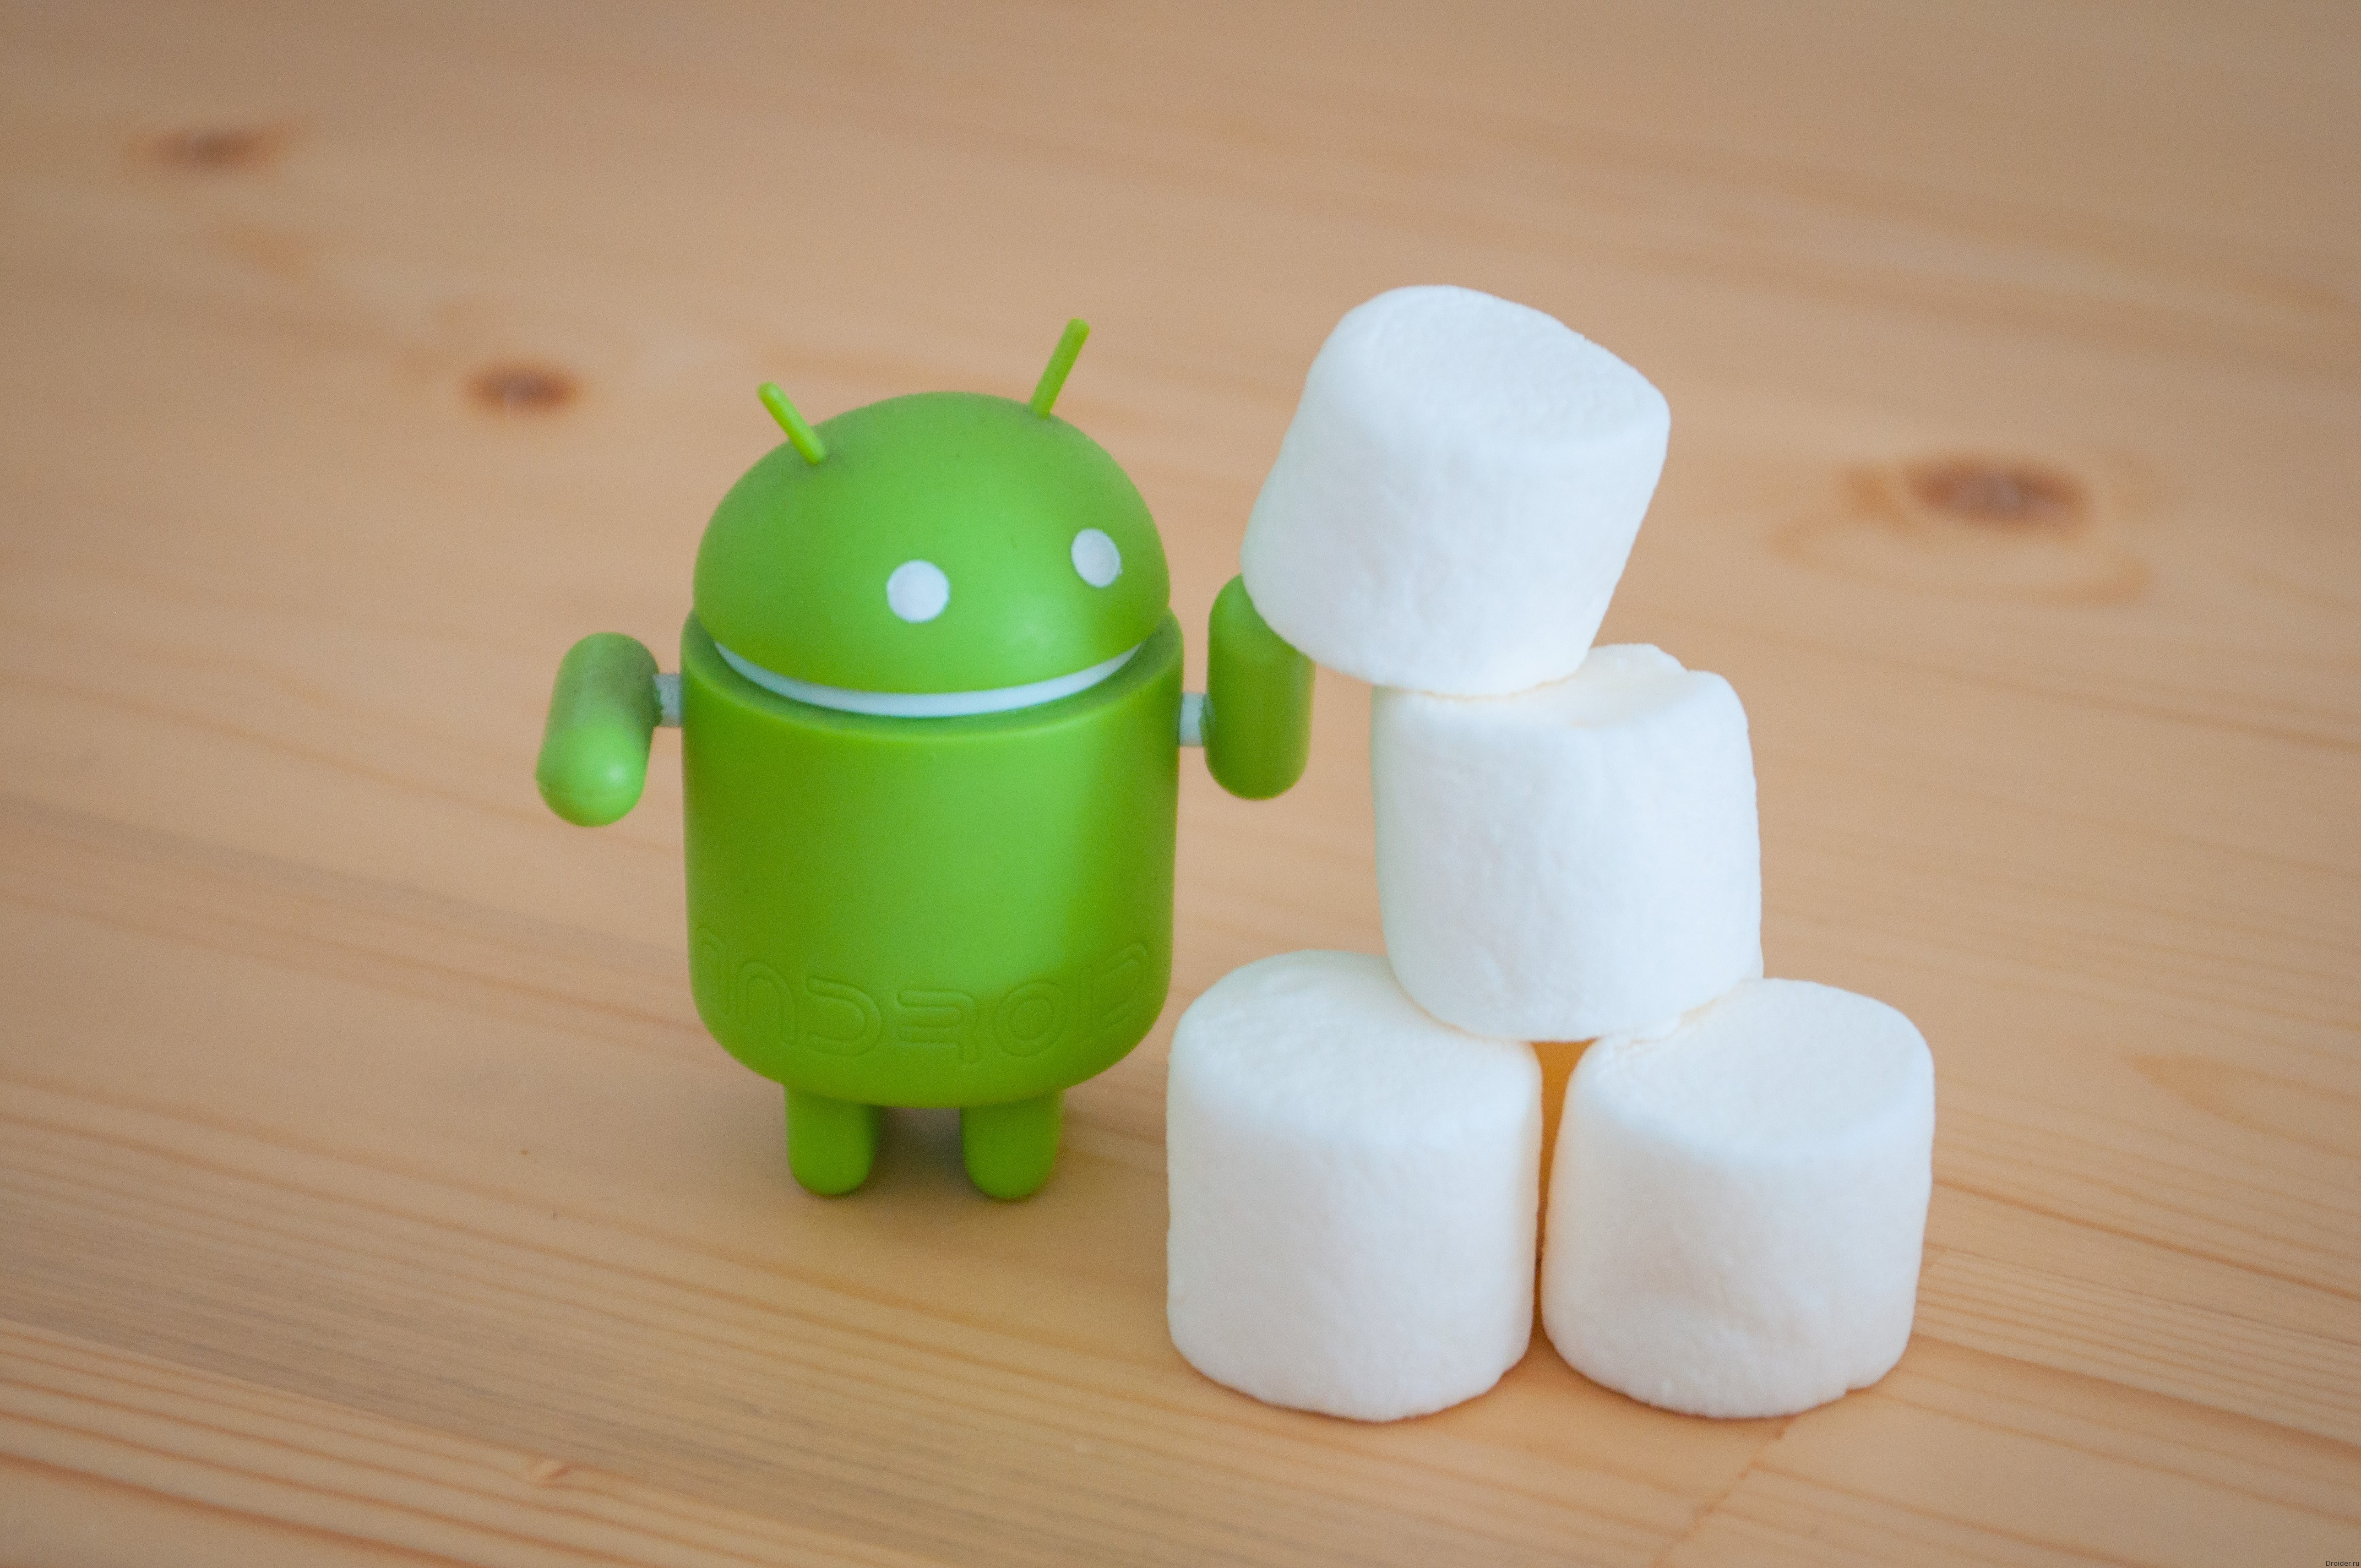 Только 0,7% Android-устройств работают на Marshmallow